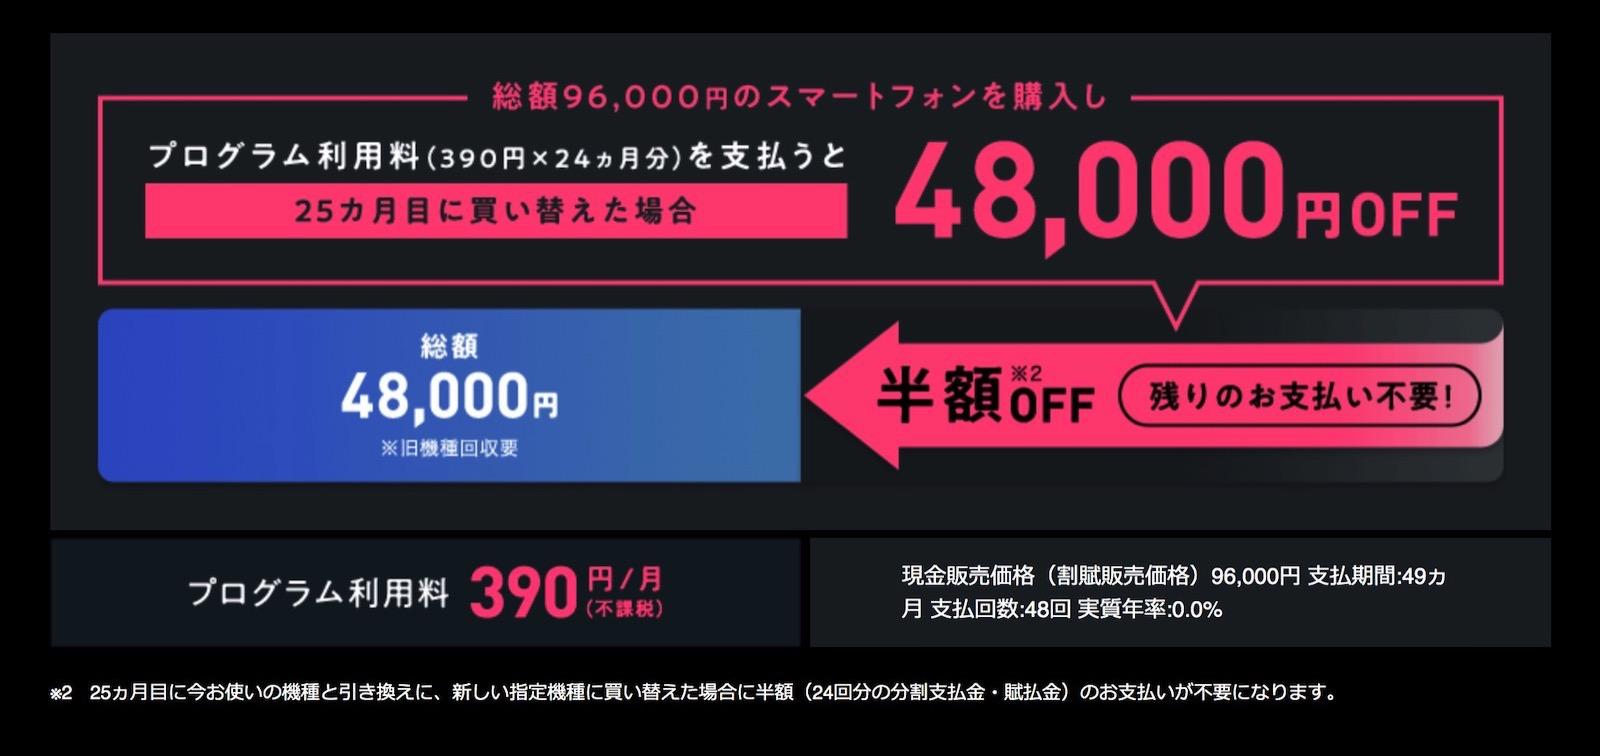 Hangaku saupport softbank 2